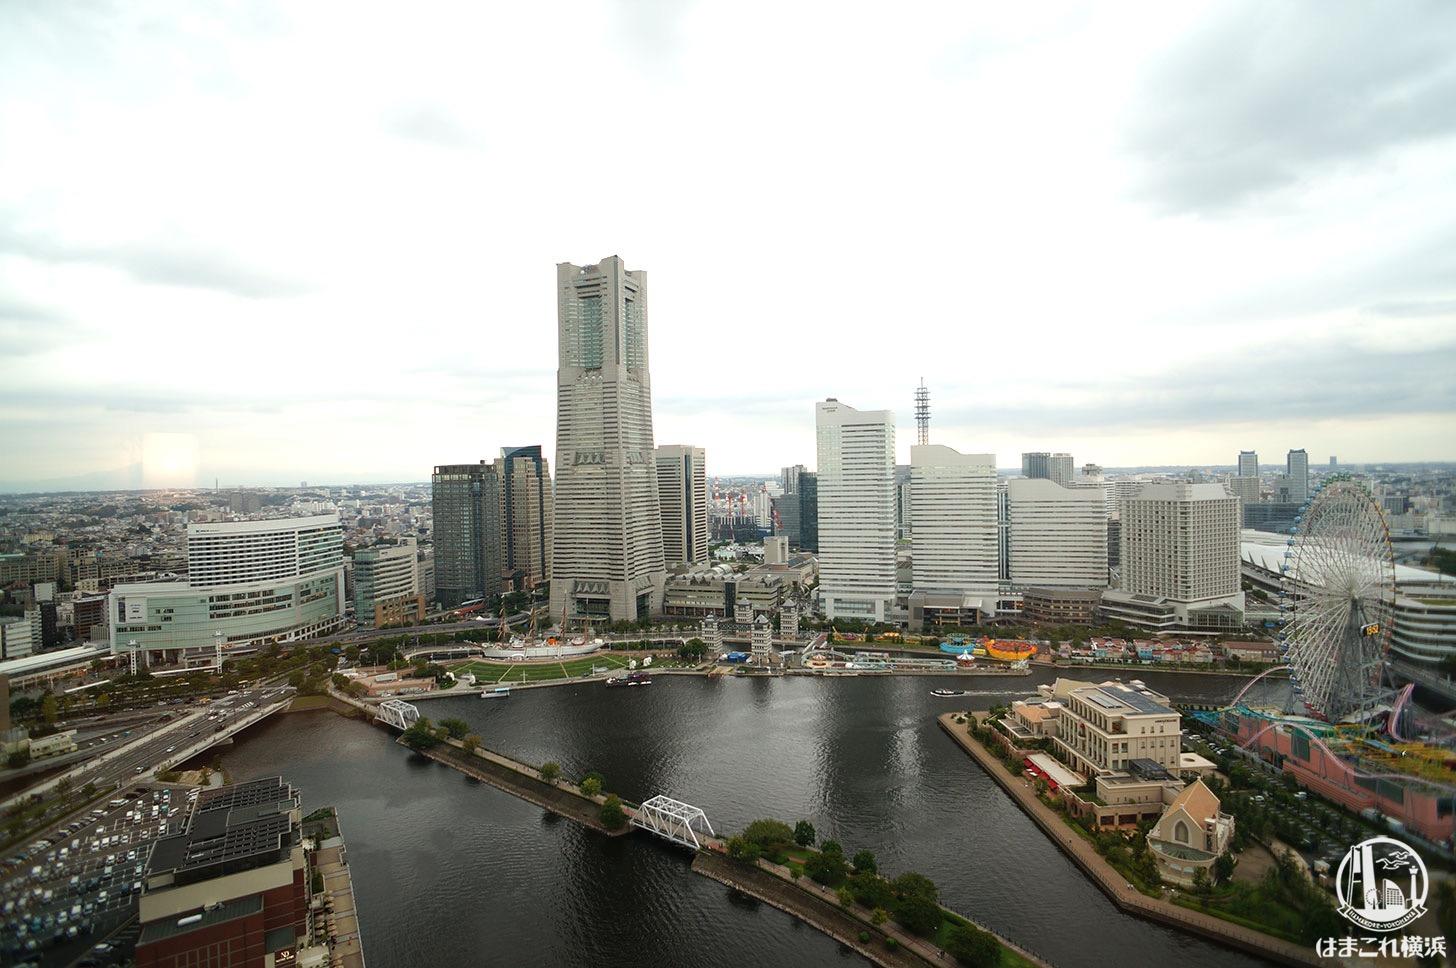 アパホテル&リゾート 横浜ベイタワー「スタンダードツイン」から見たみなとみらいの景色